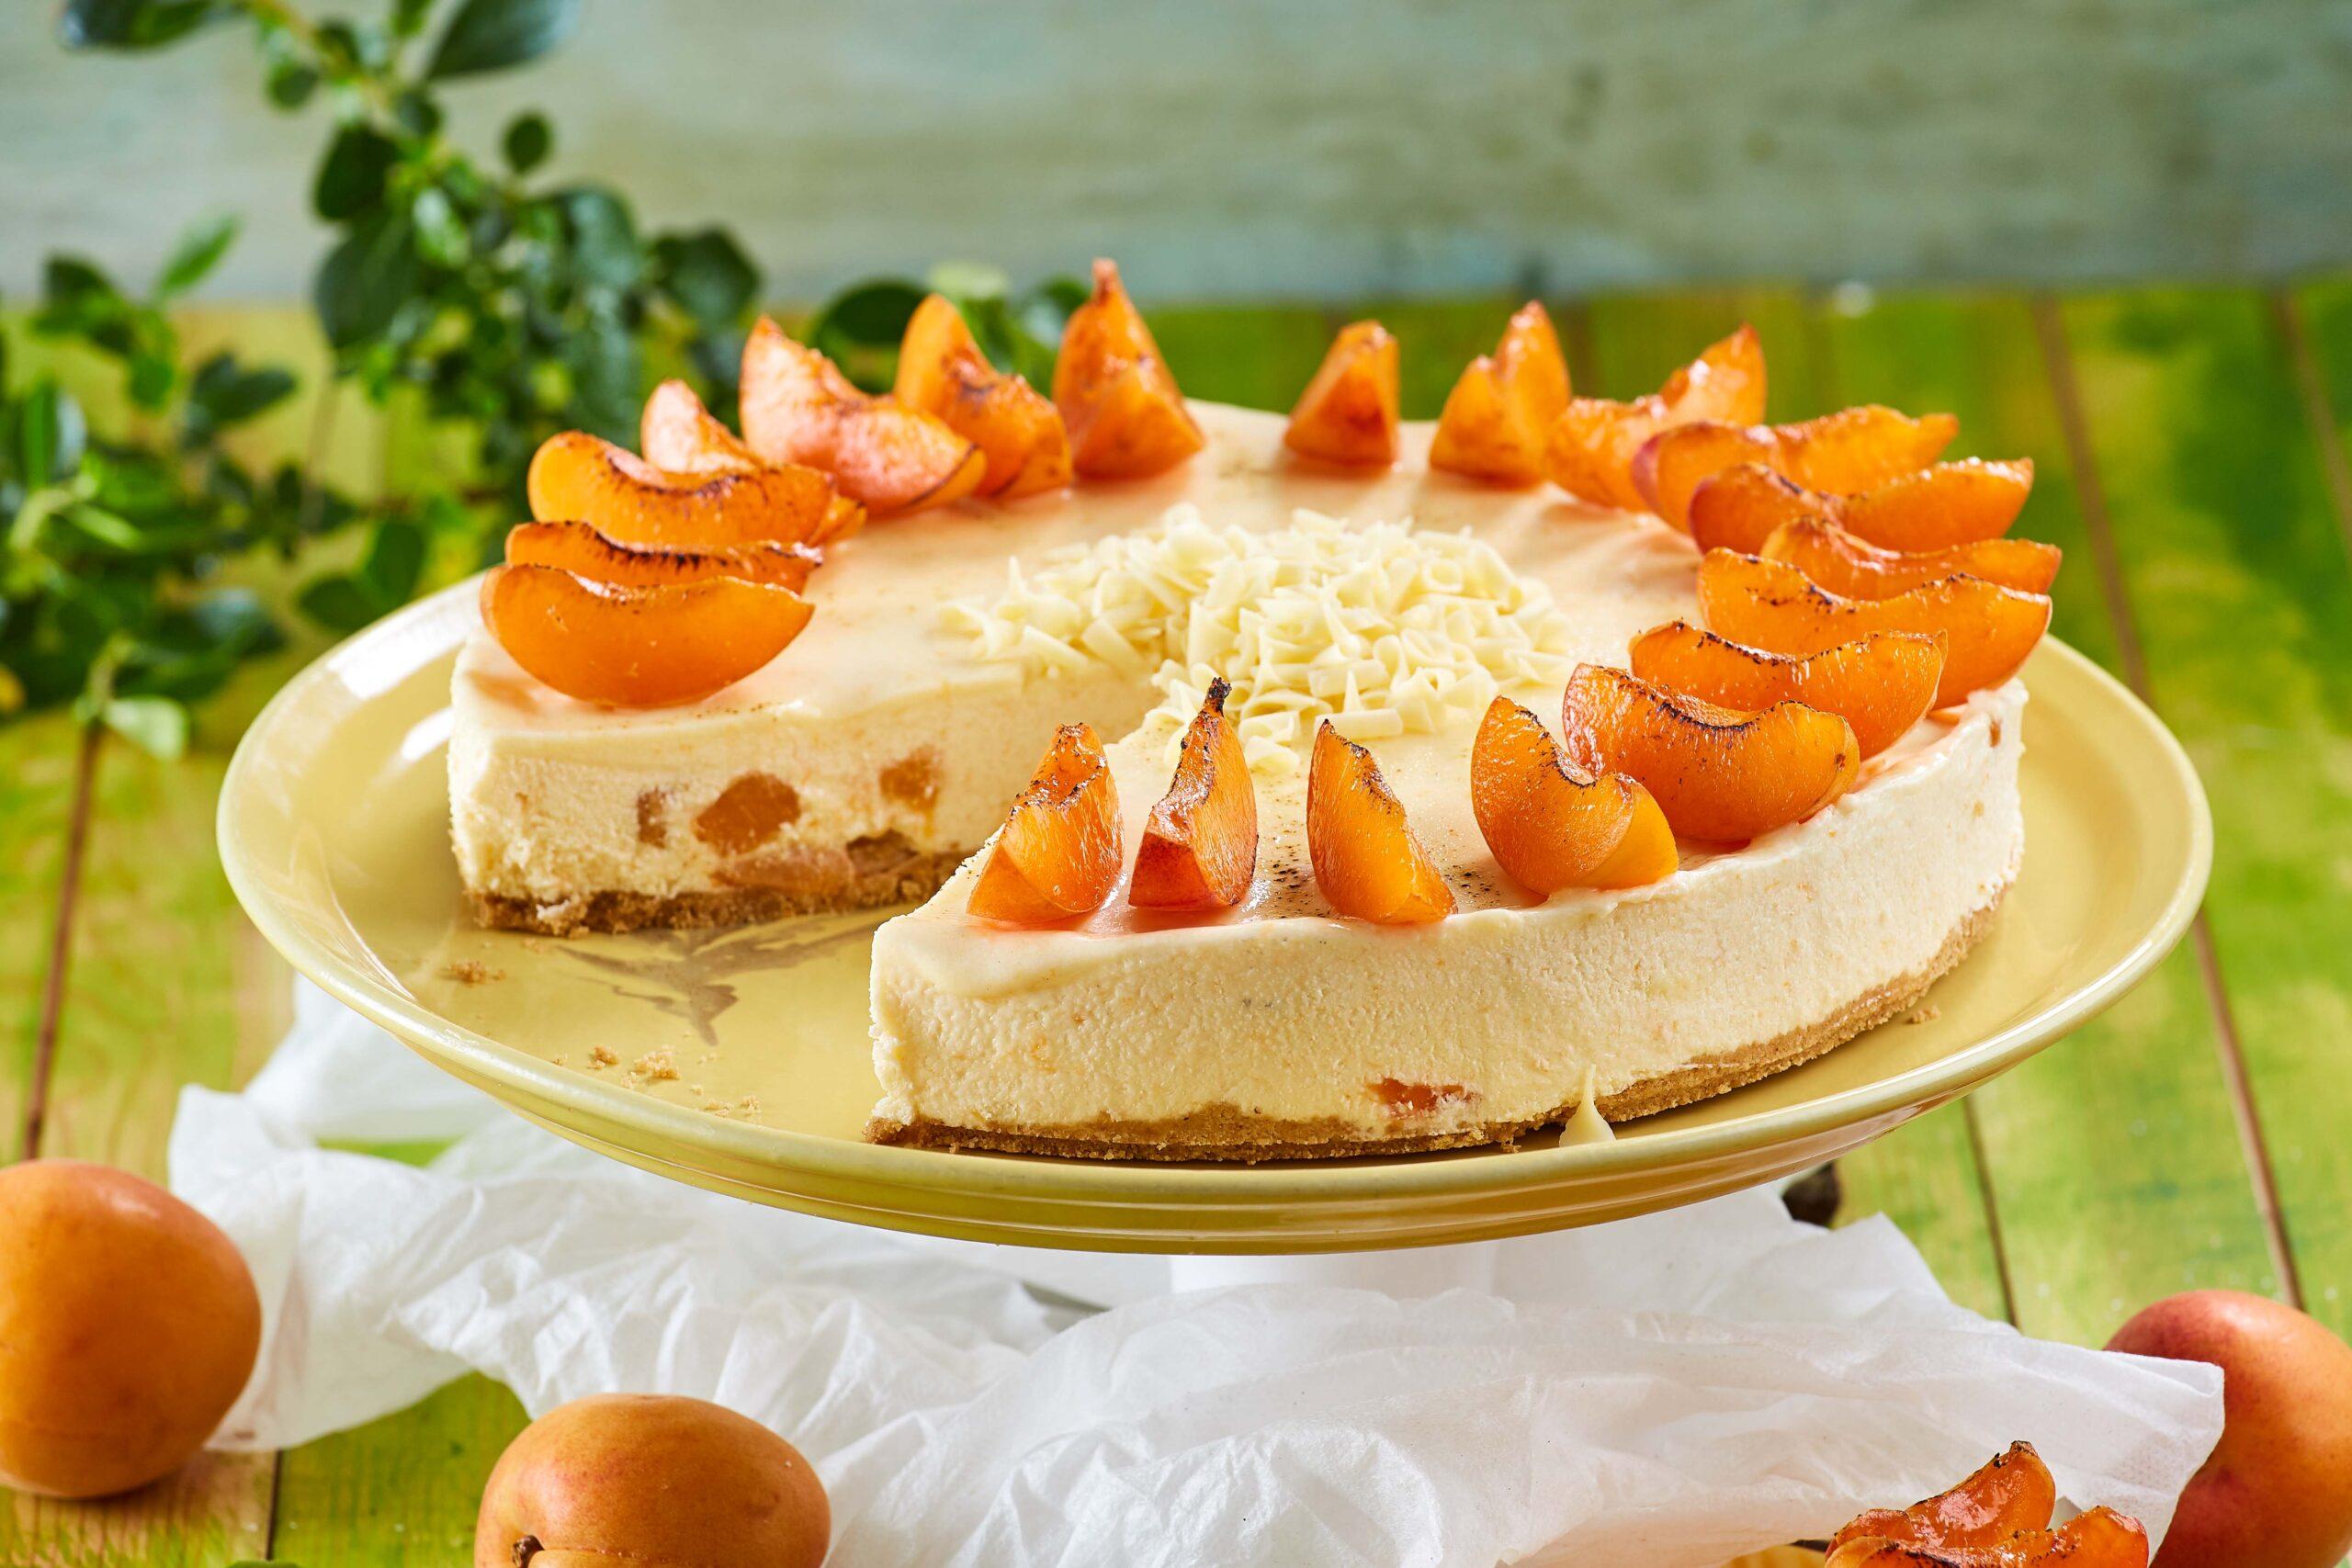 Receita da Teleculinária de cheesecake de chocolate branco com alperces